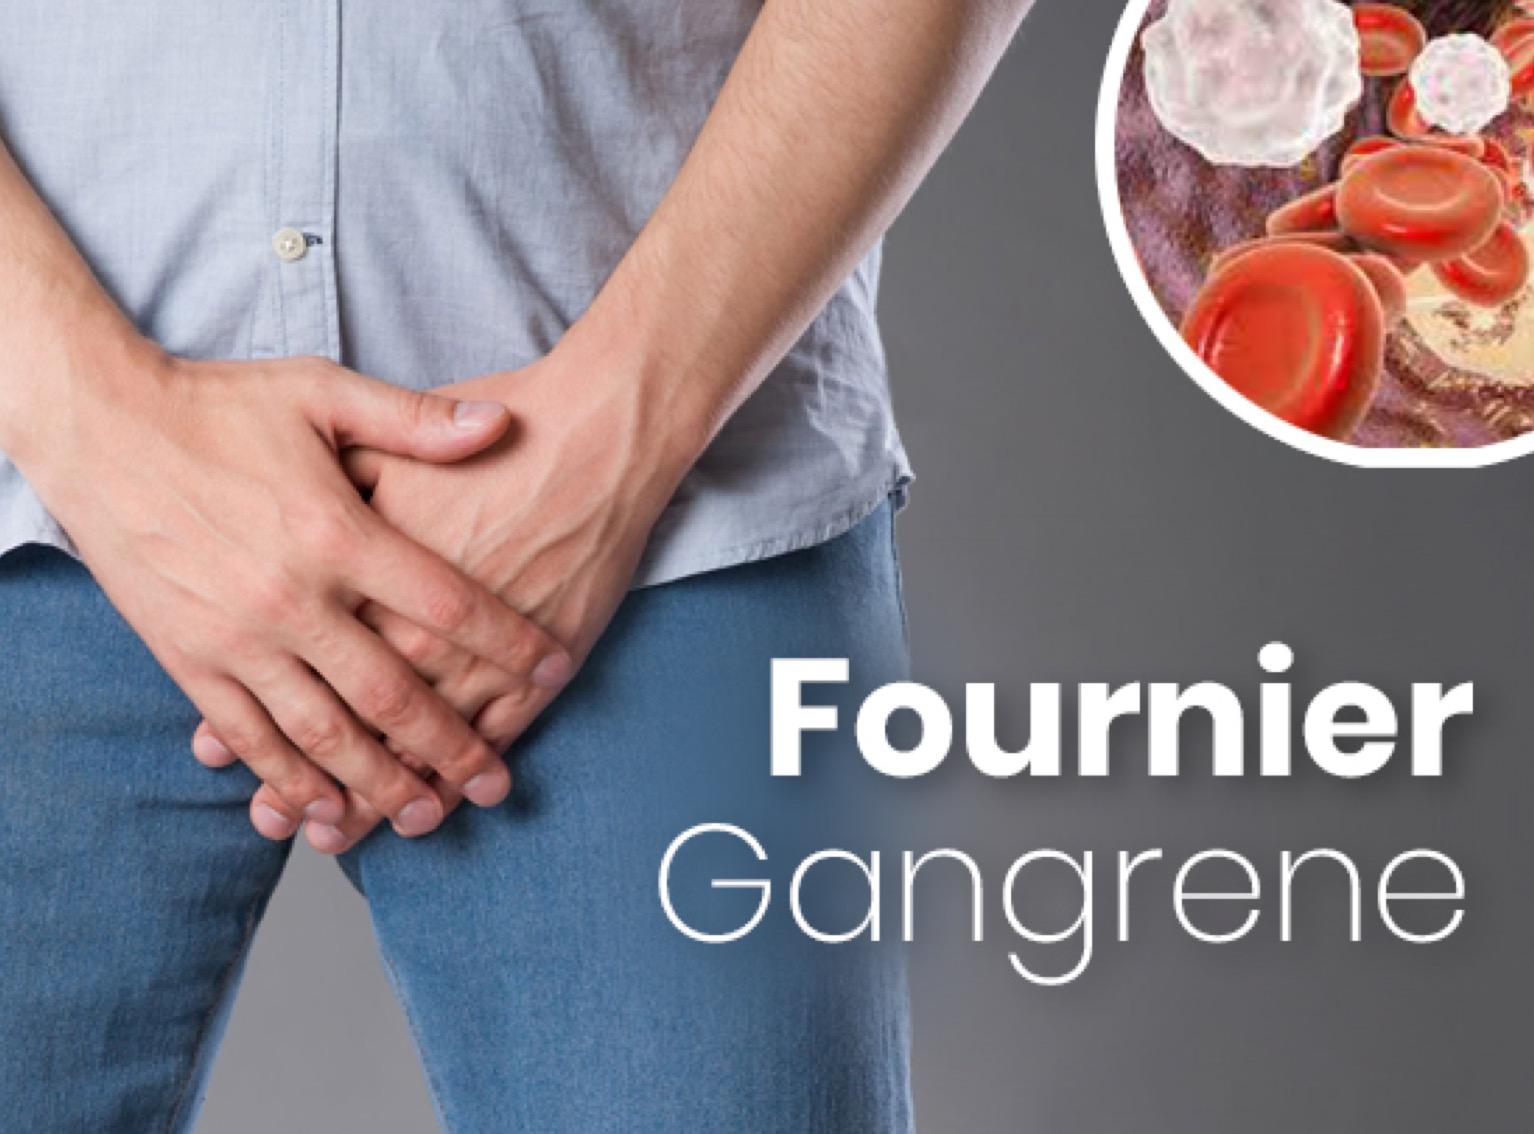 Khoa Ngoại tiết niệu điều trị thành công 1 trường hợp Hội chứng hoại thư Fournier hiếm gặp